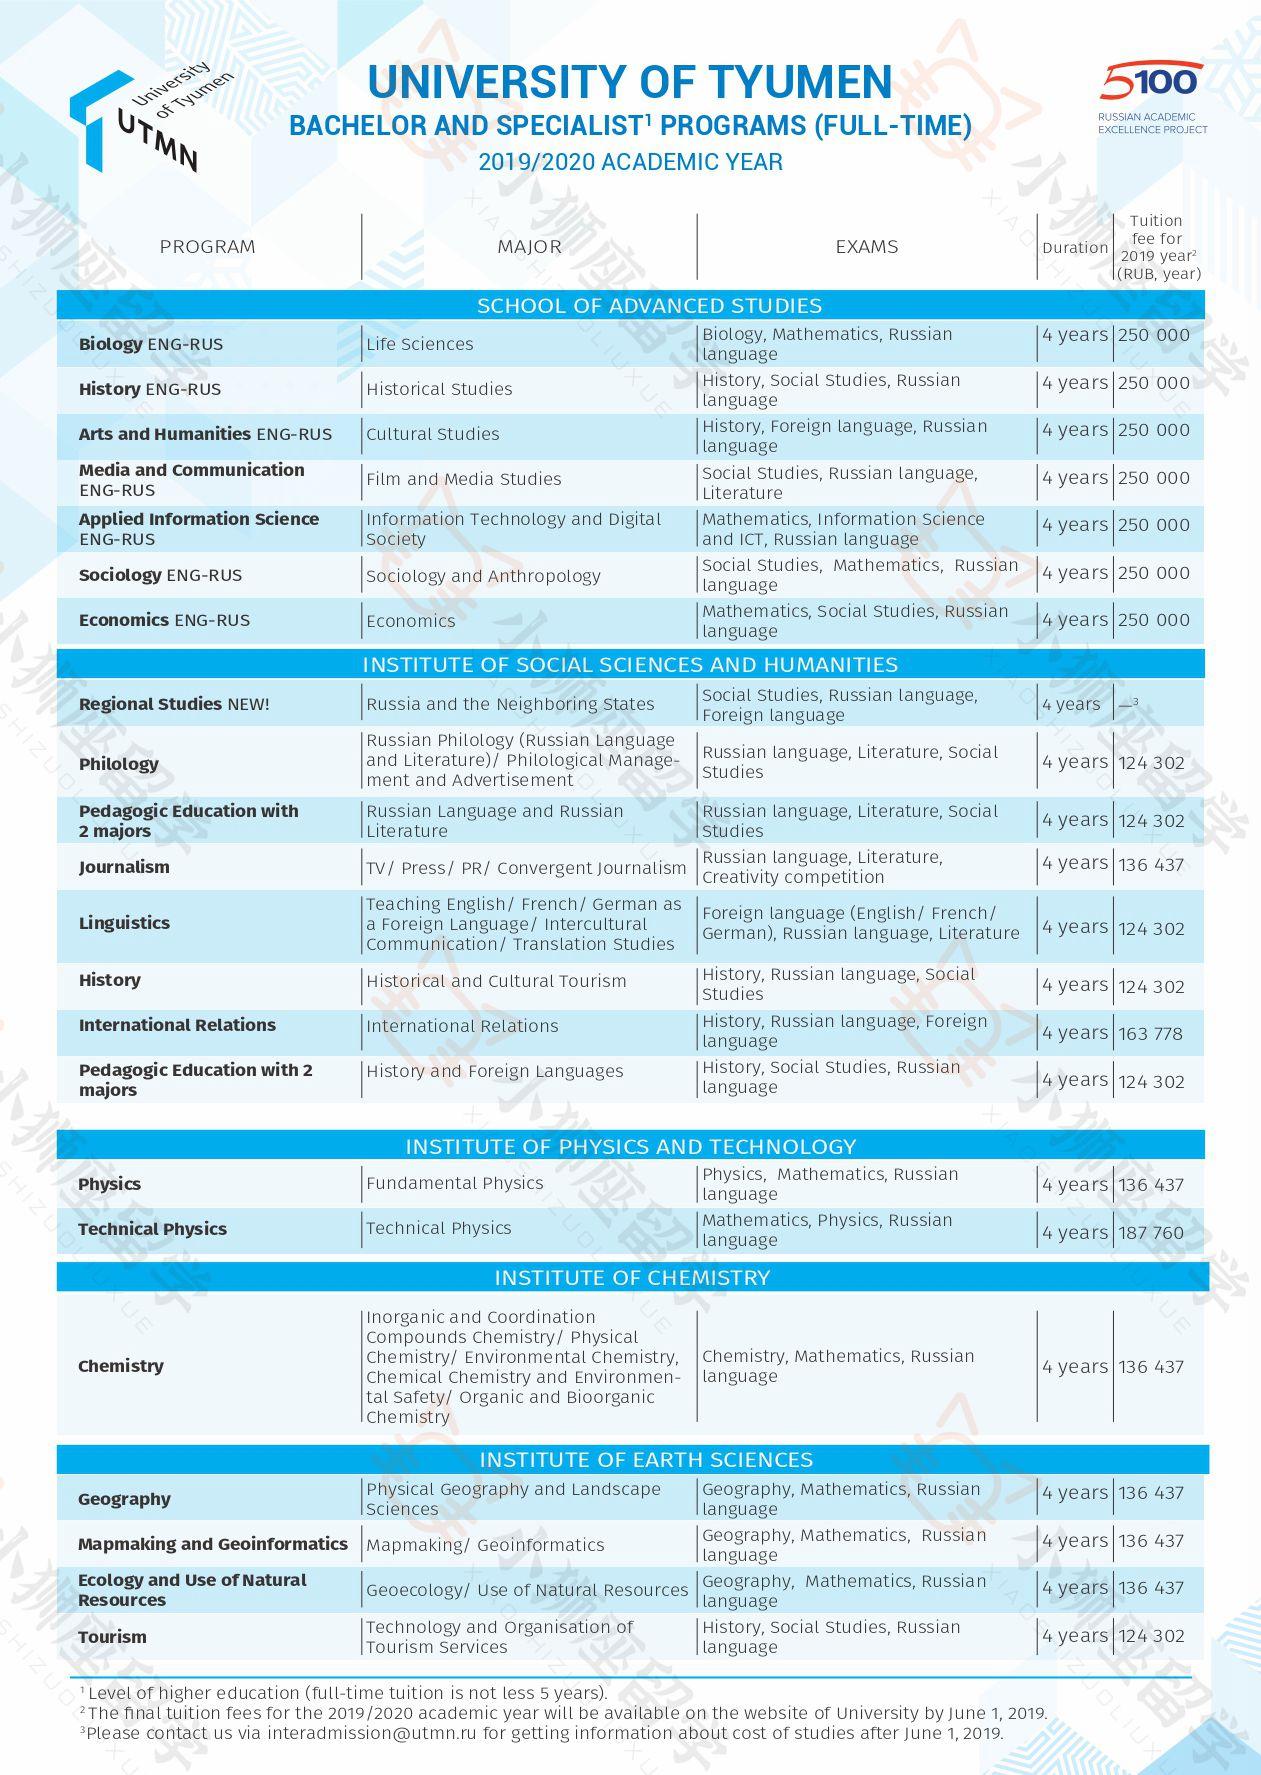 俄罗斯留学|俄罗斯大学|秋明国立大学学费、本科专业和专业方向列表|秋明国立大学本科专业介绍